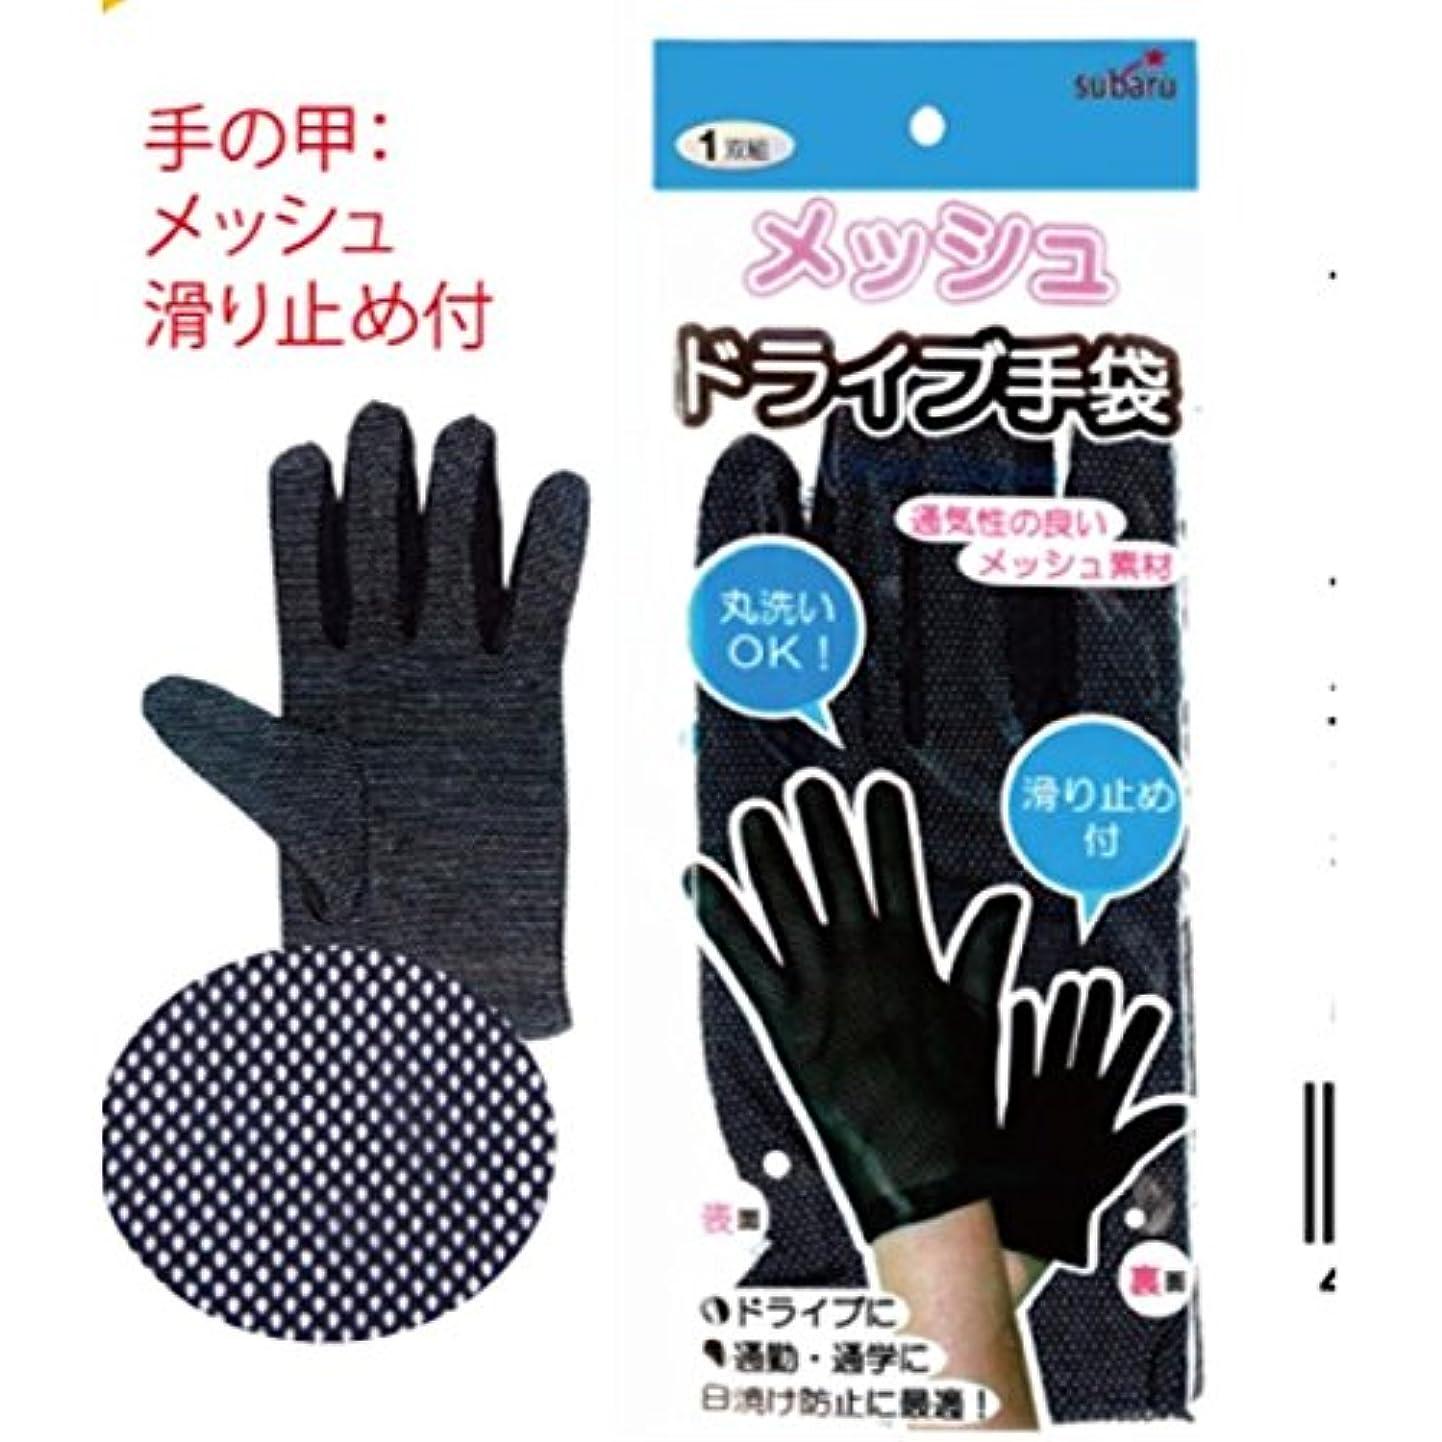 世界的に活性化するのみ手の甲メッシュ ドライブ手袋滑り止め付 (12個セット) 227-13